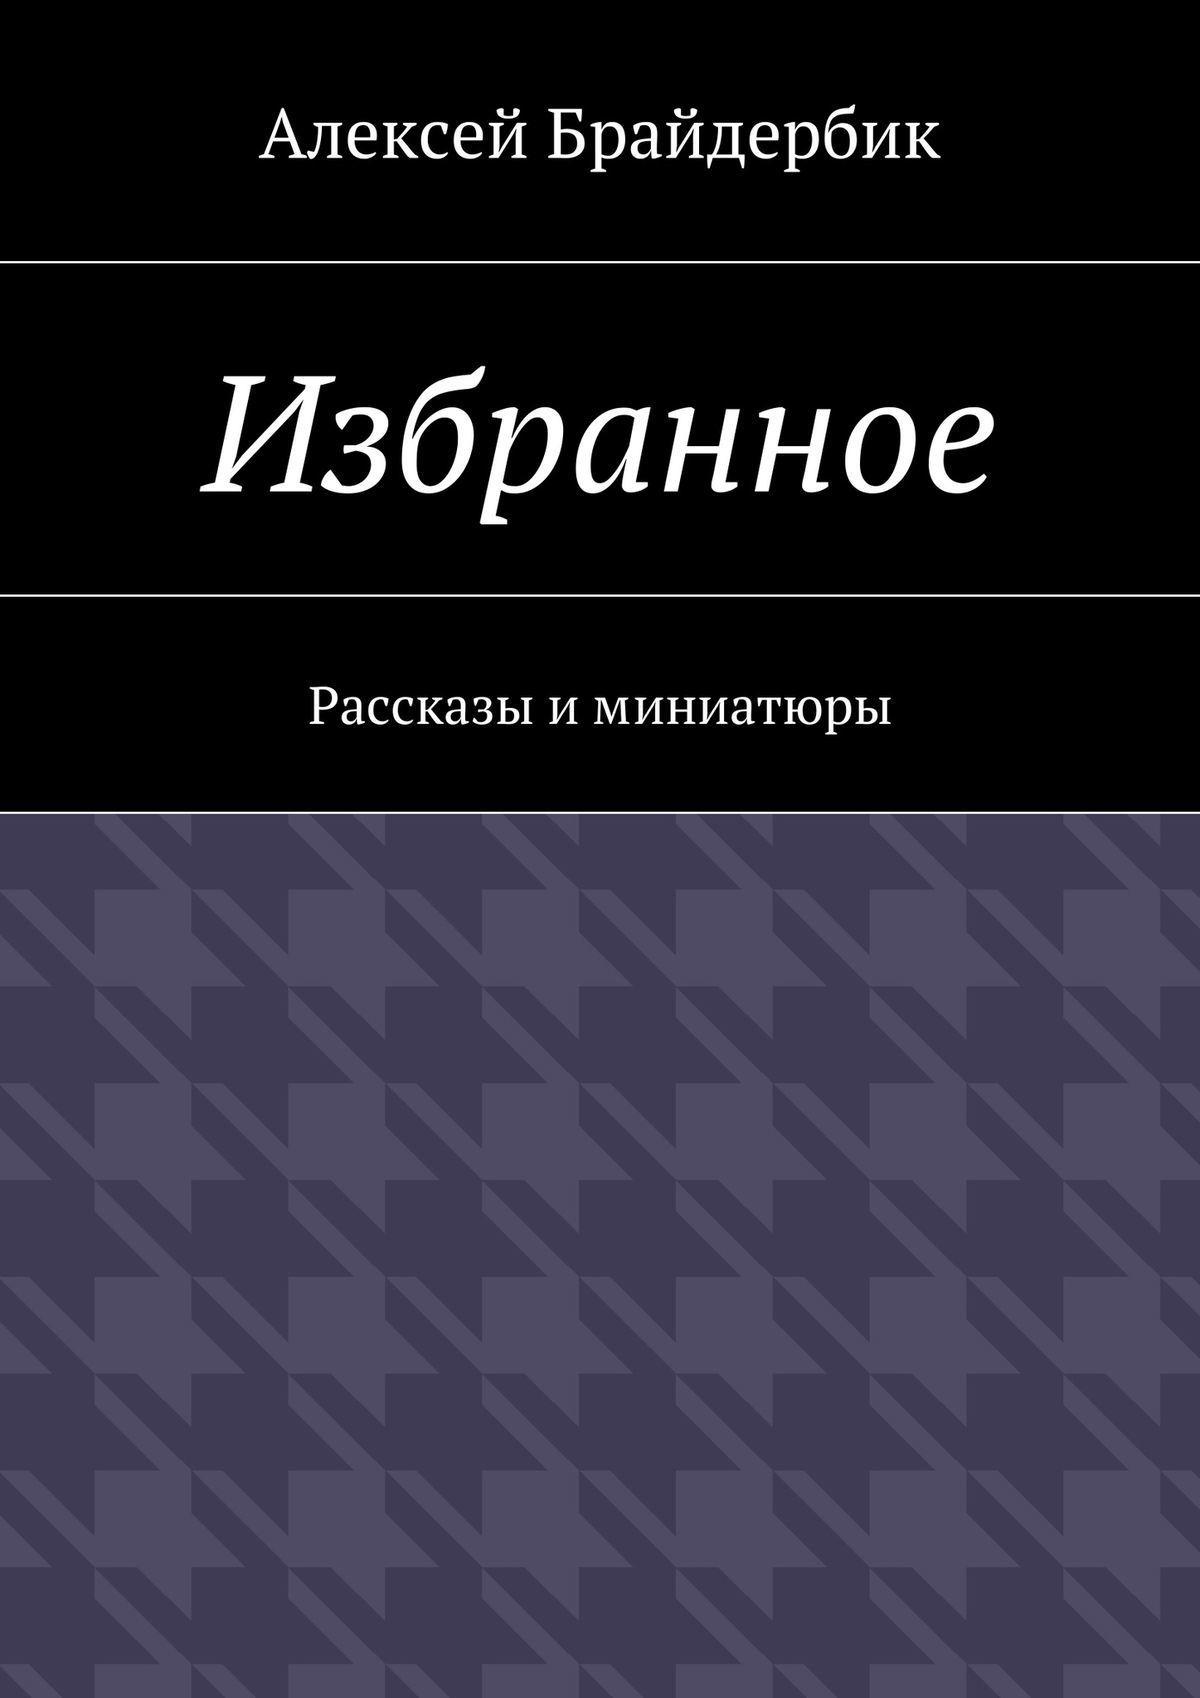 Алексей Брайдербик Избранное. Рассказы иминиатюры алексей брайдербик движение